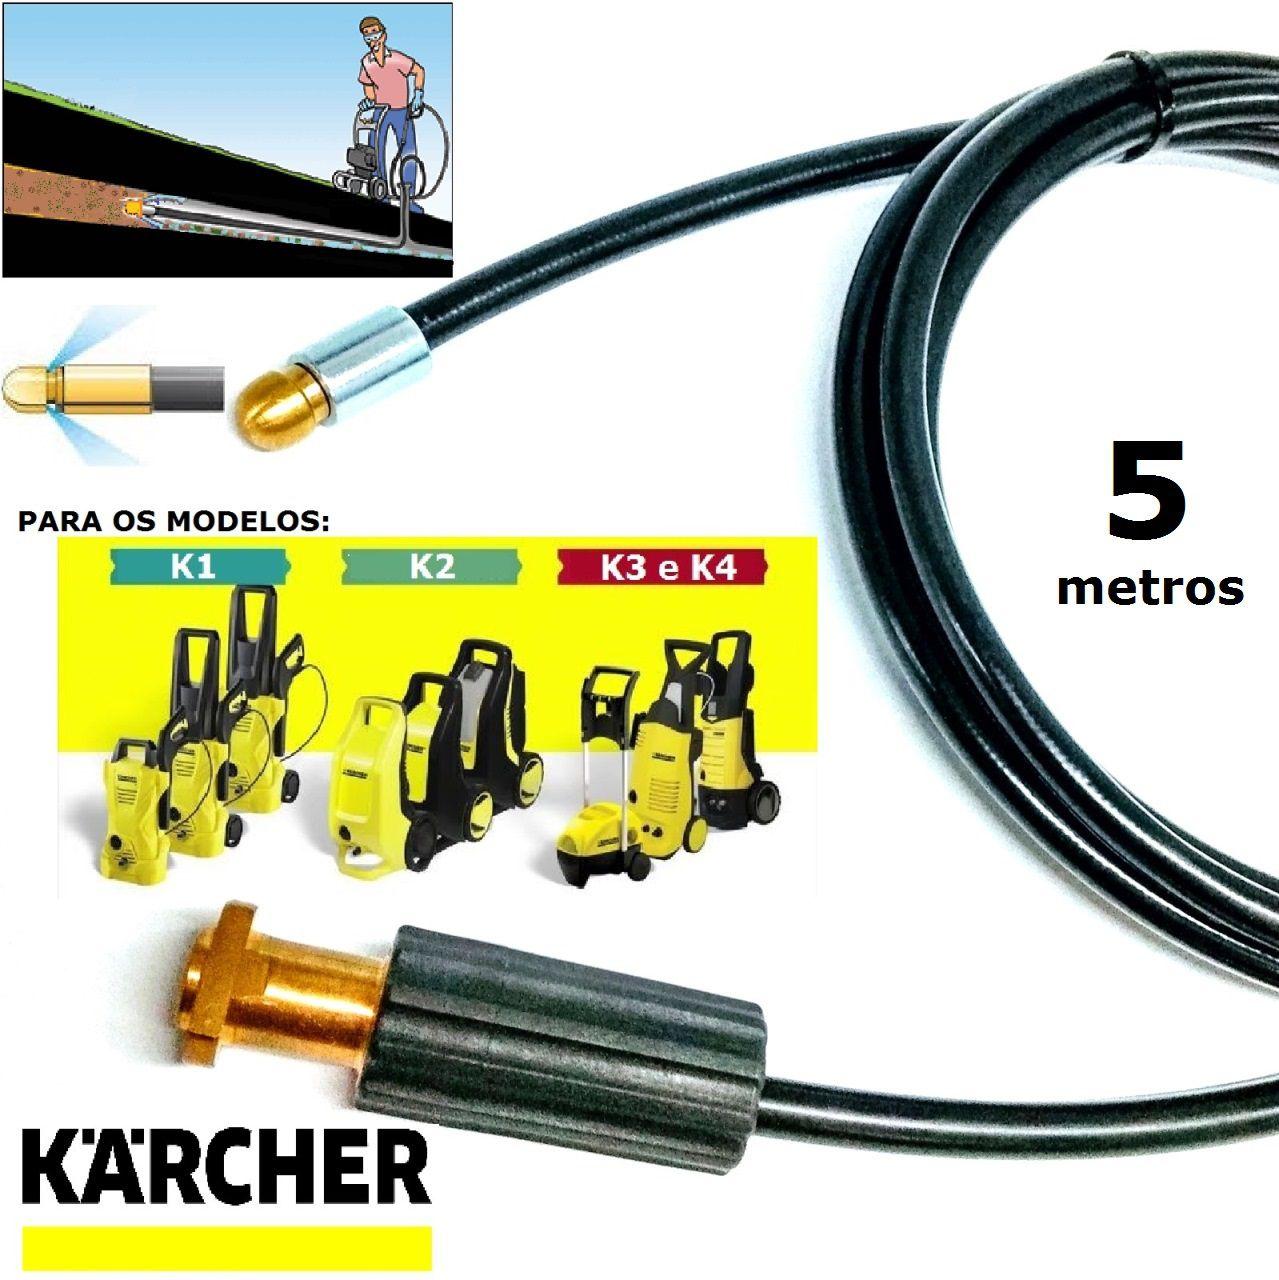 Mangueira desentupidora de tubulação para Karcher 5 Metros - k1 , k2 , k3 , k4 , k5